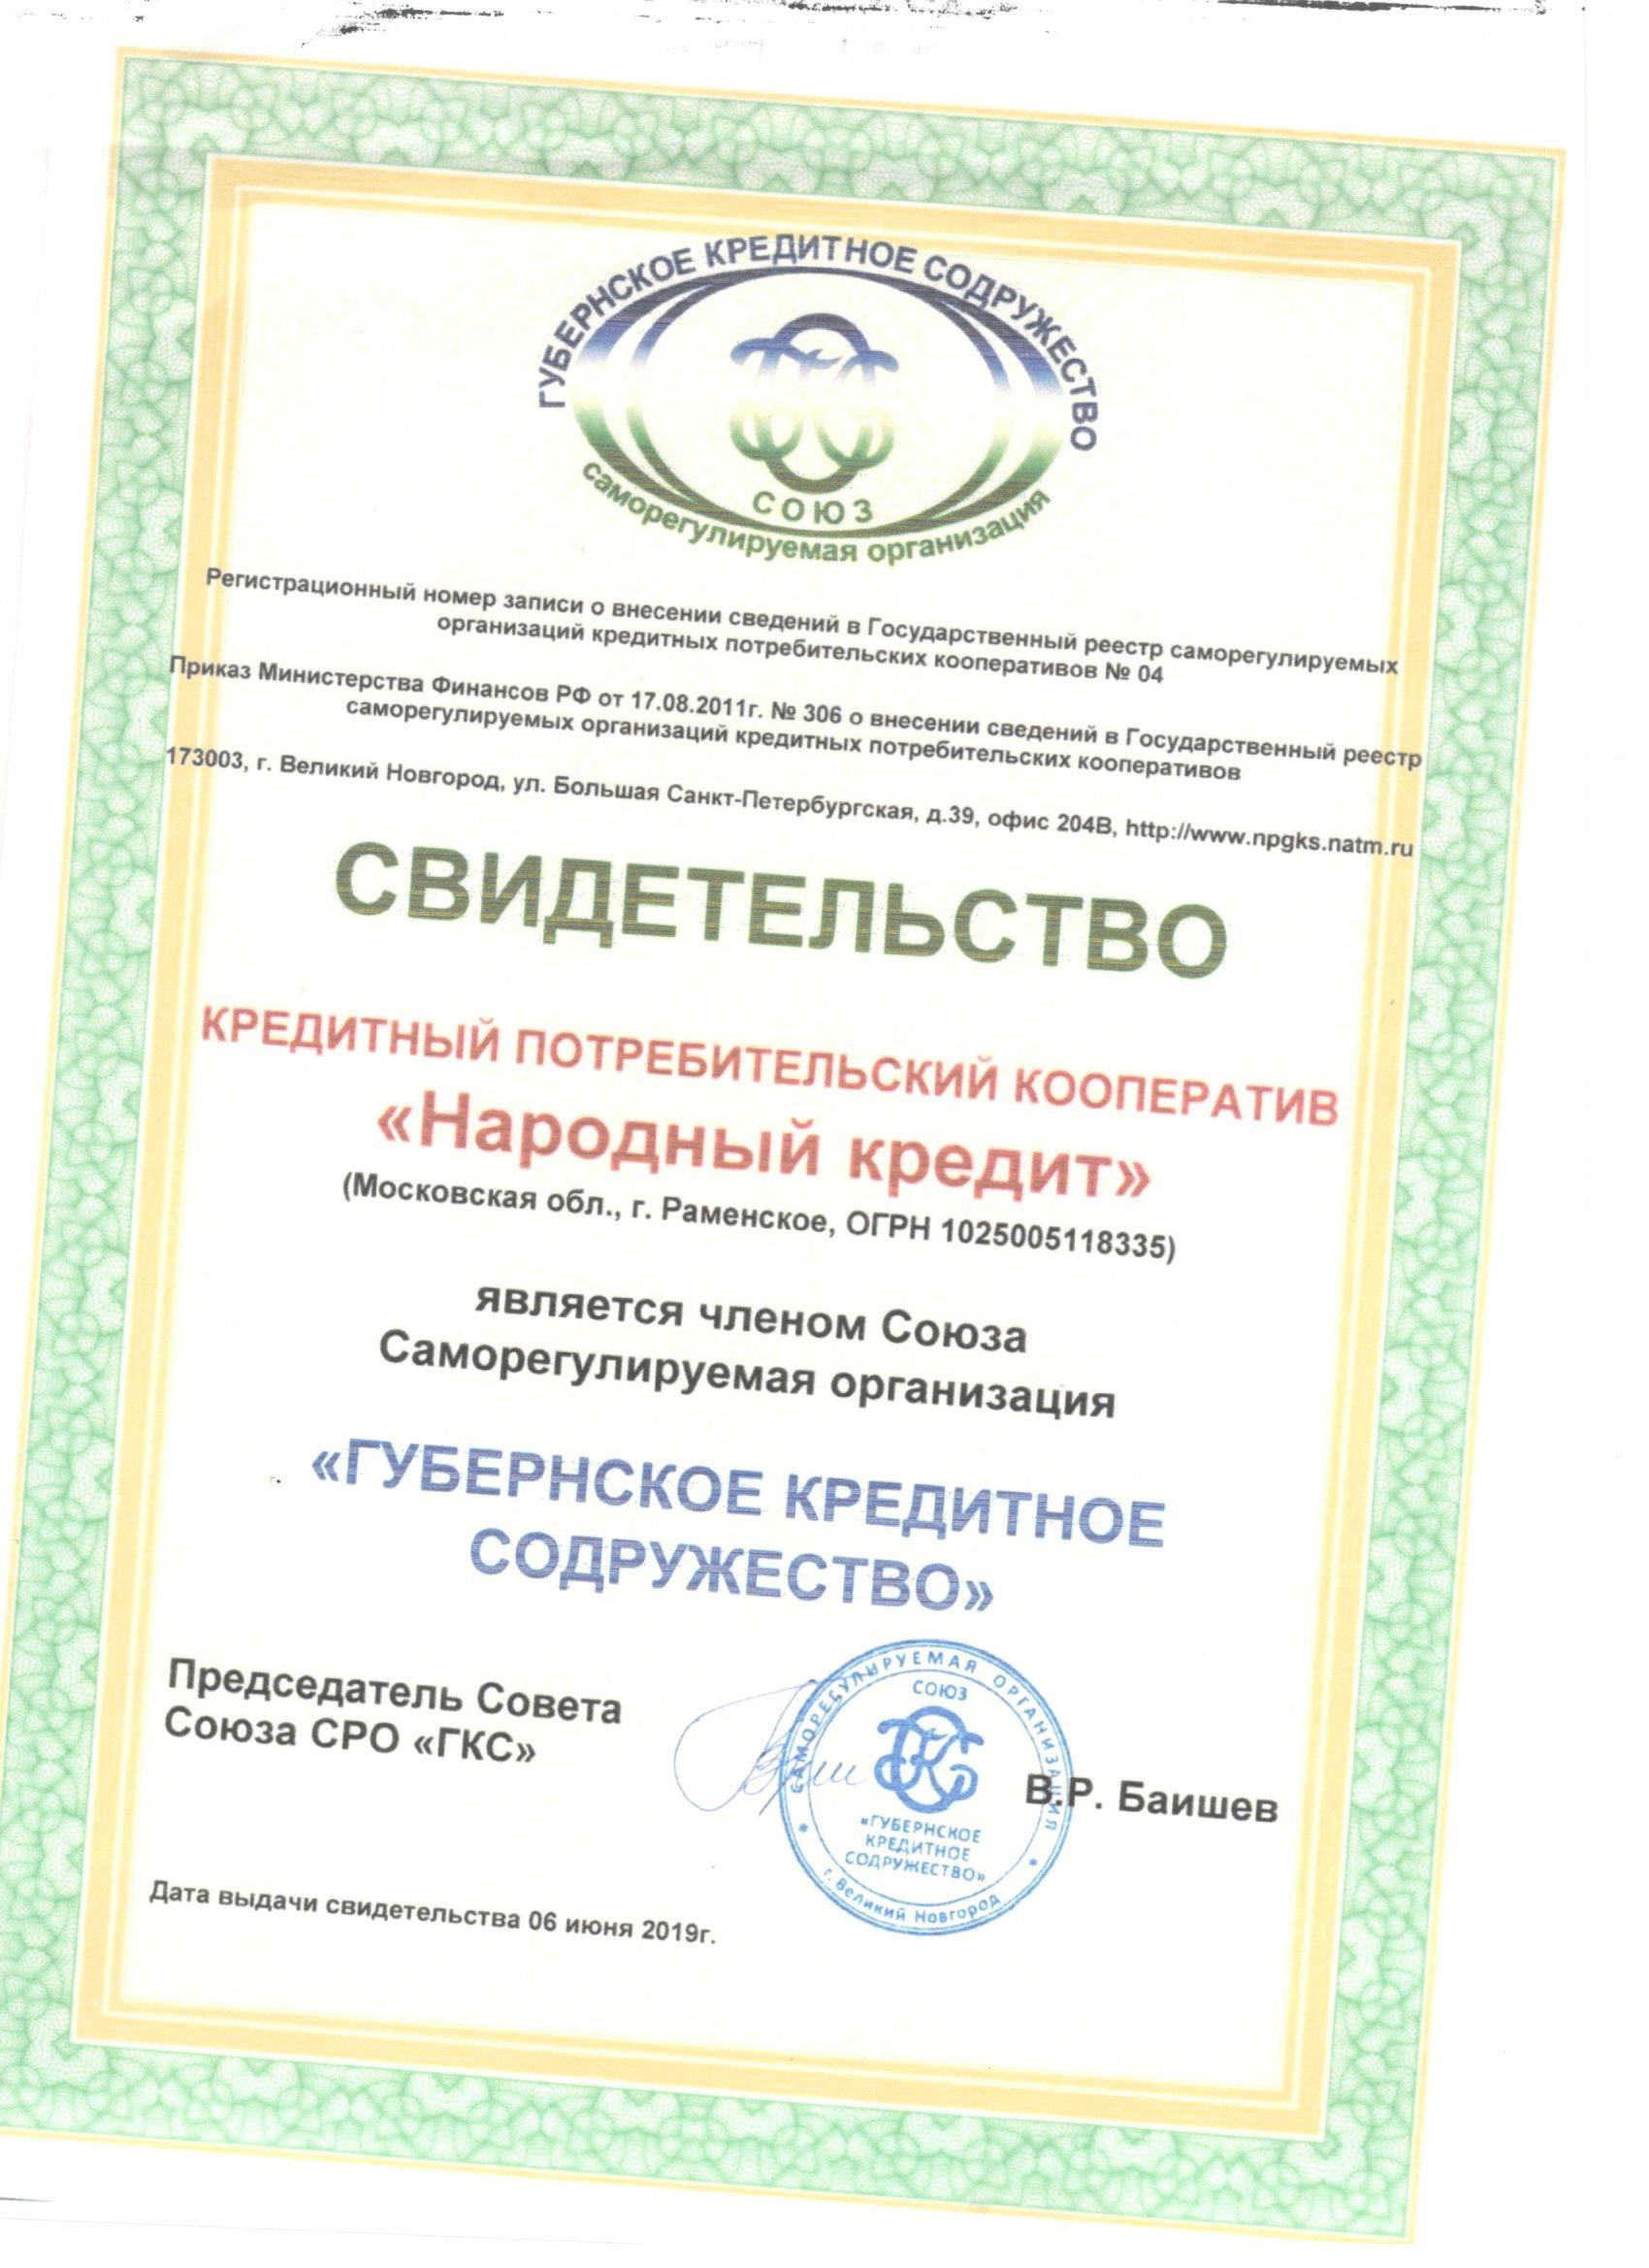 кпк кредитное содружество